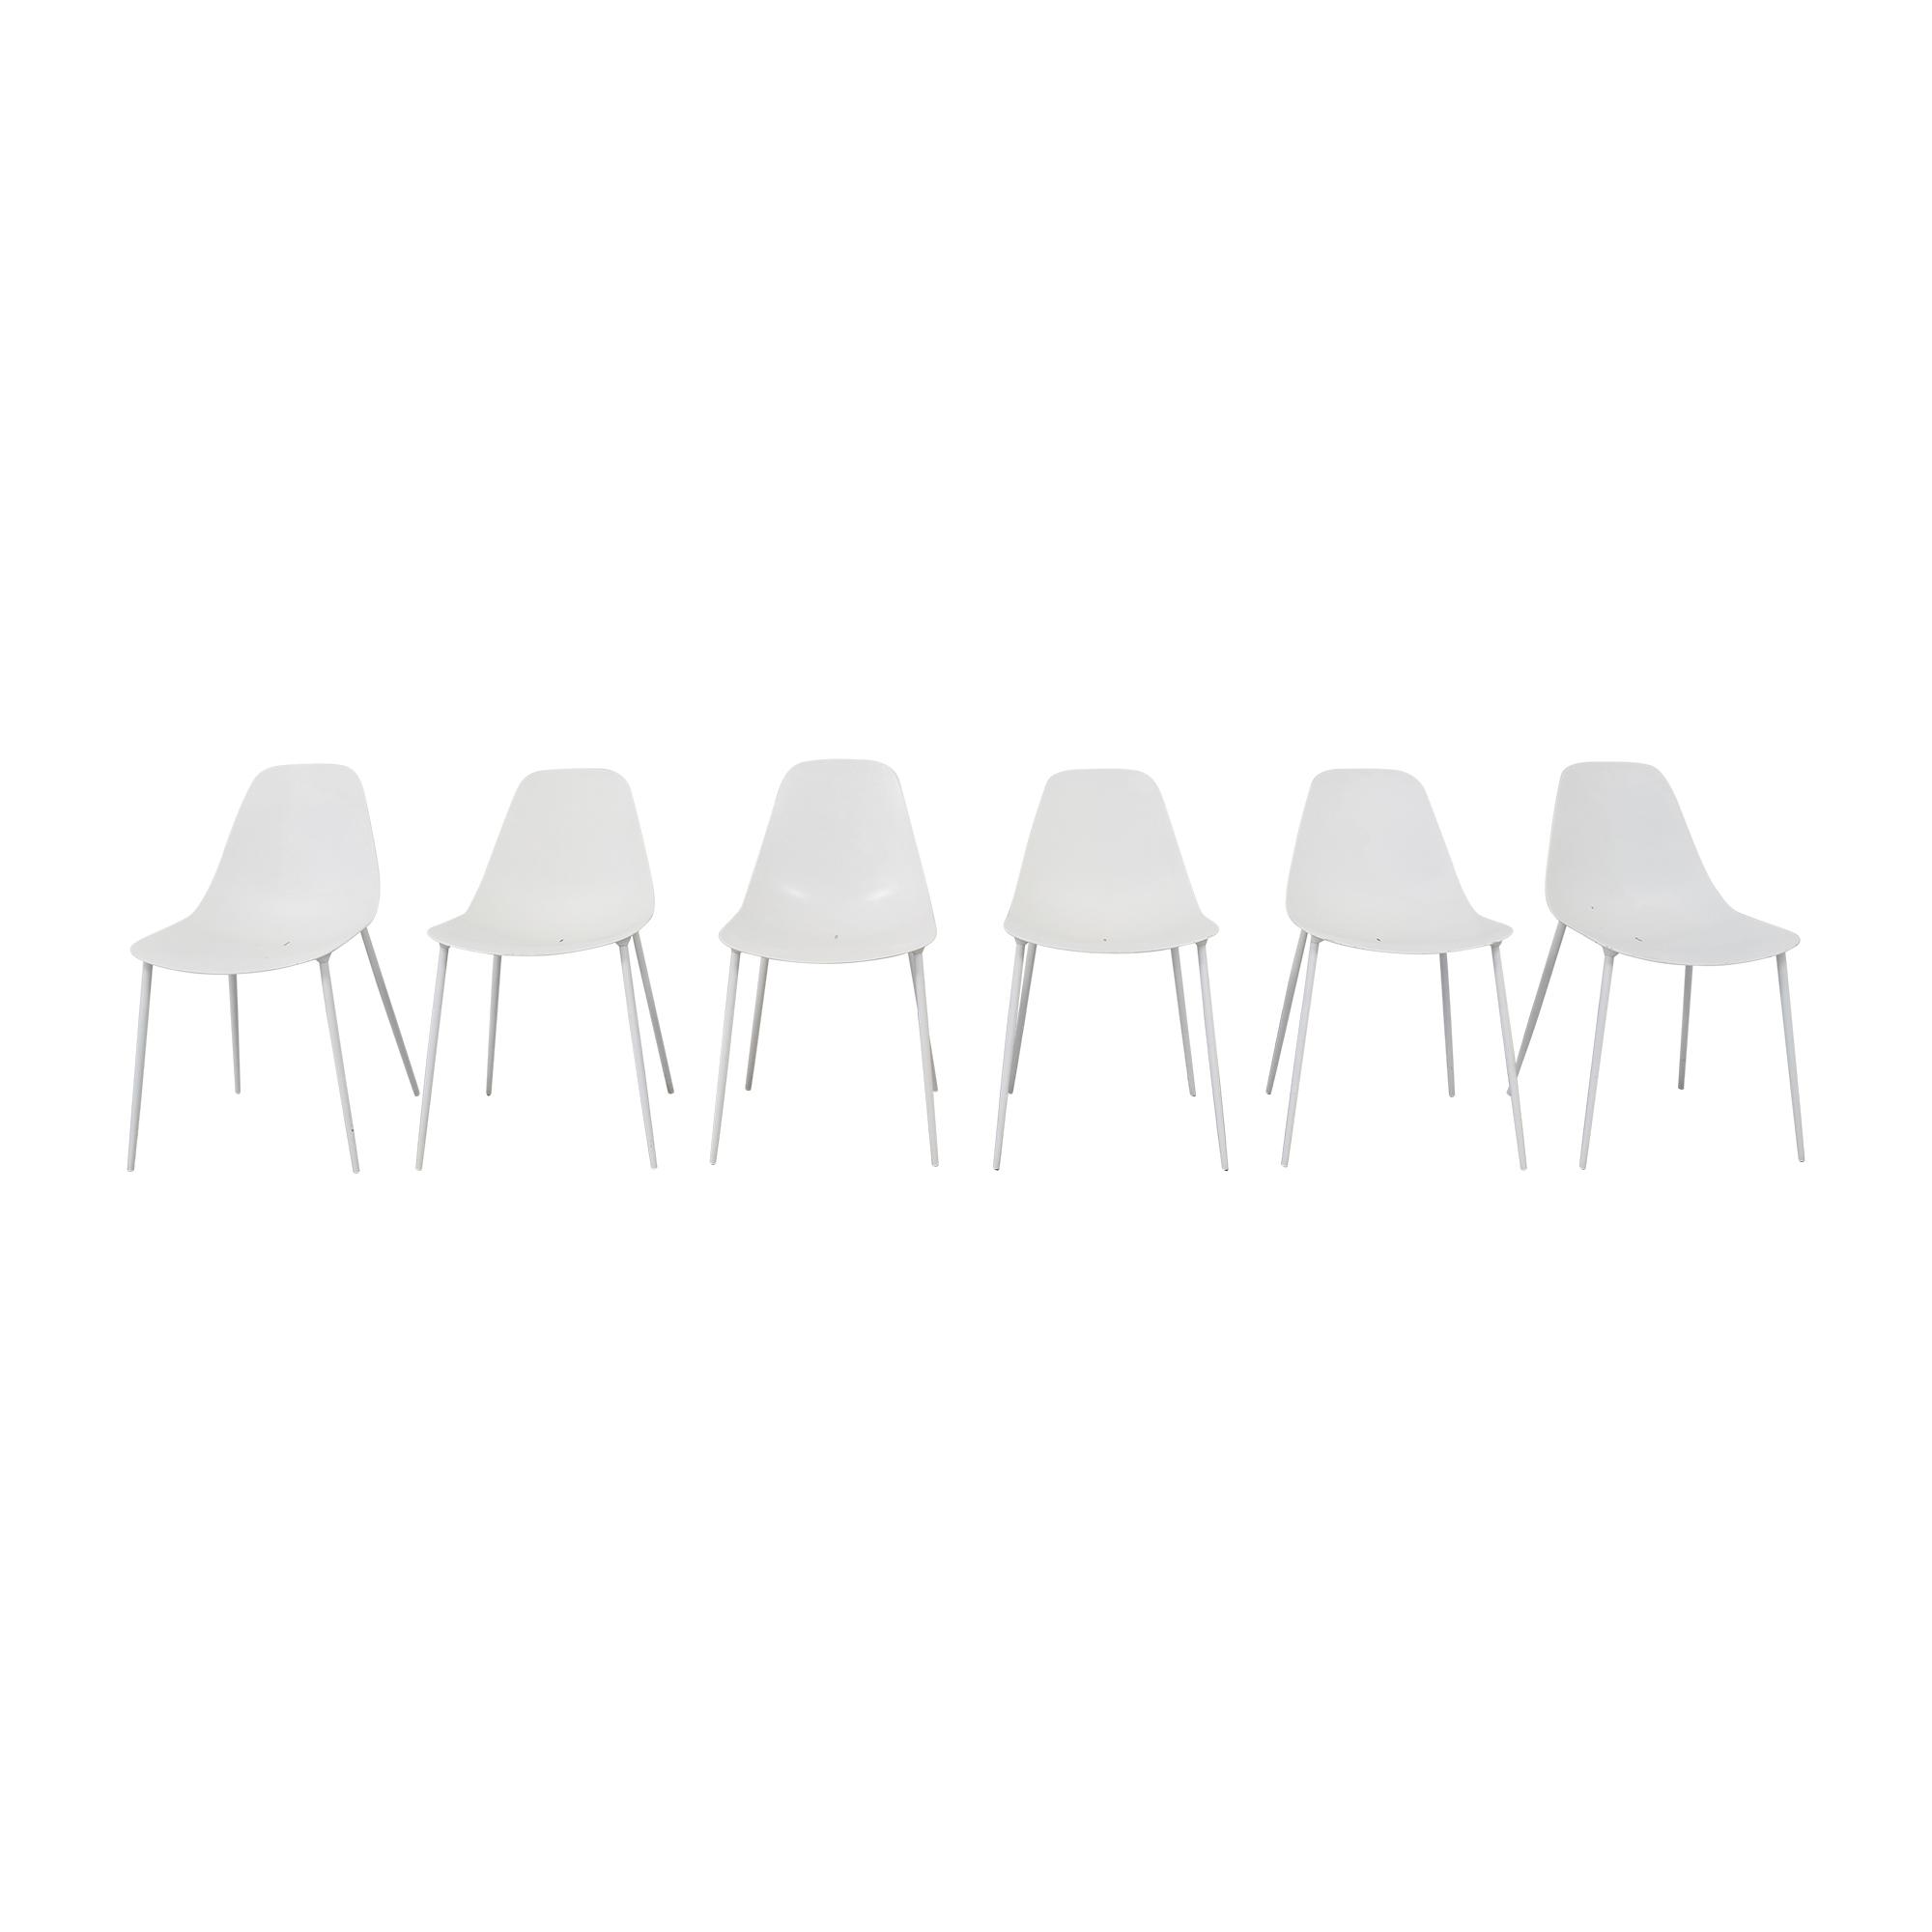 Firenze Design Opinion Ciatti Mammamia Dining Chairs price